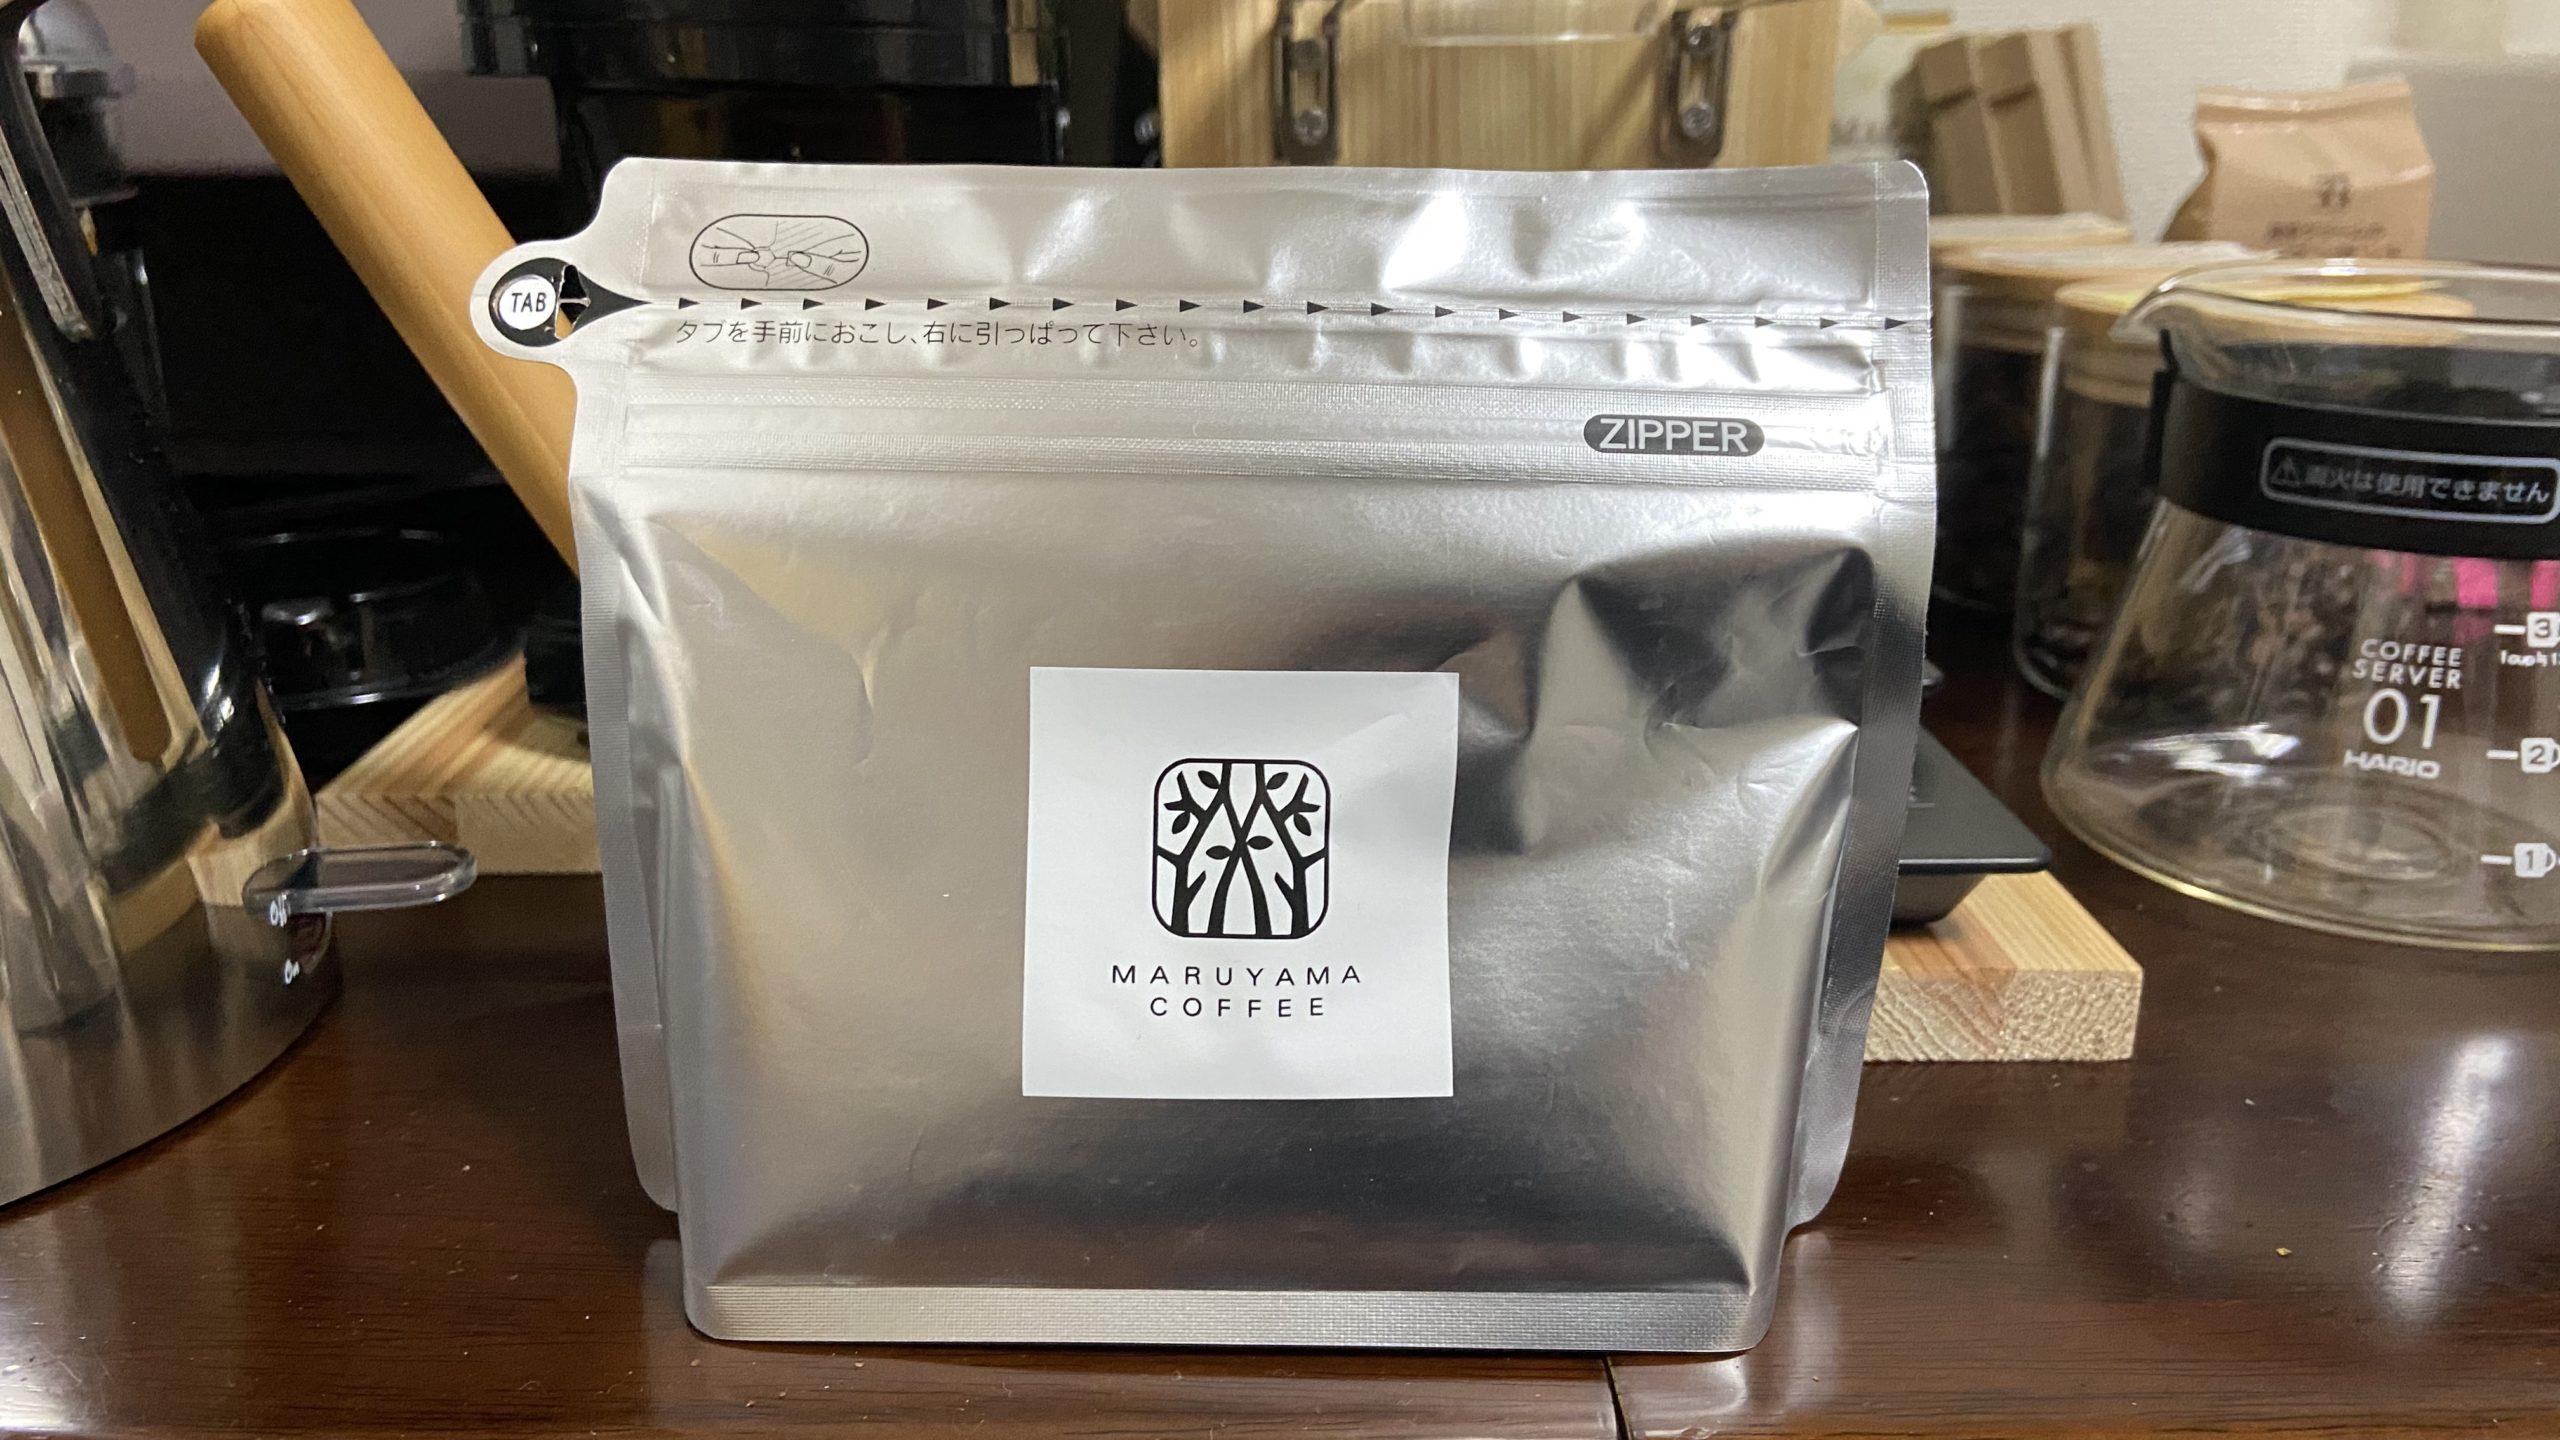 『ケニア ツングリ』丸山珈琲の旬のコーヒーを淹れてみました